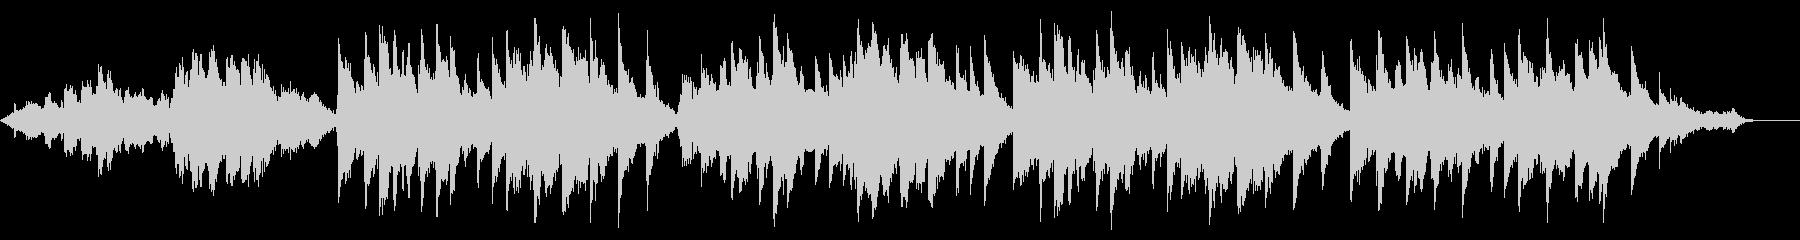 エレクトロニック 静か エキゾチッ...の未再生の波形